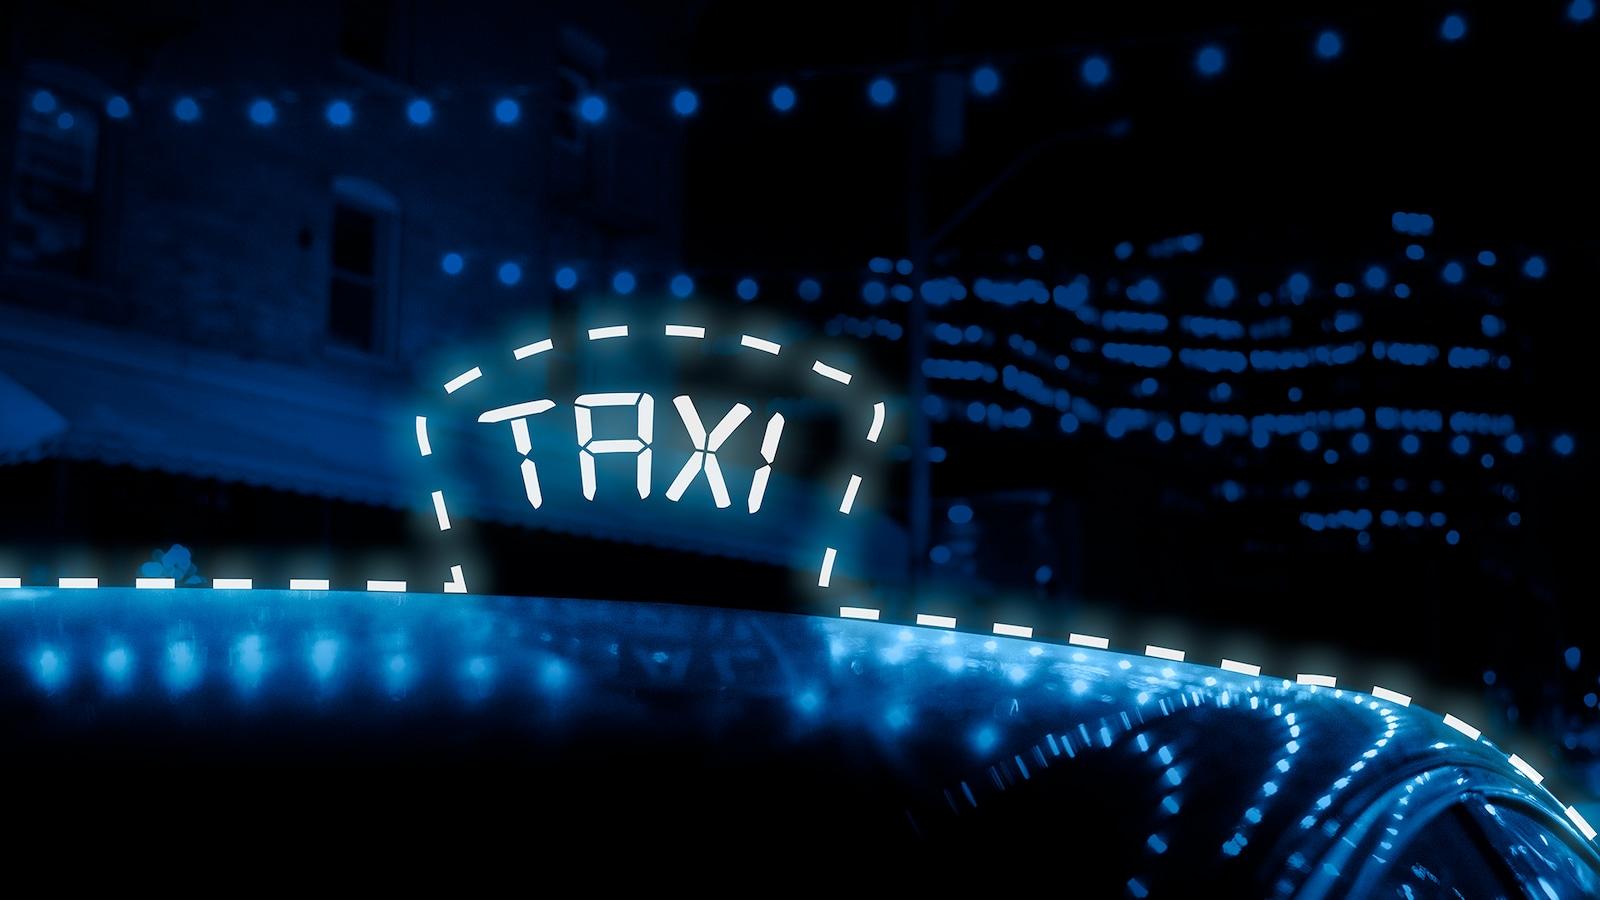 Montage photo montrant le toit d'une voiture avec une illustration pointillée d'un logo de taxi.